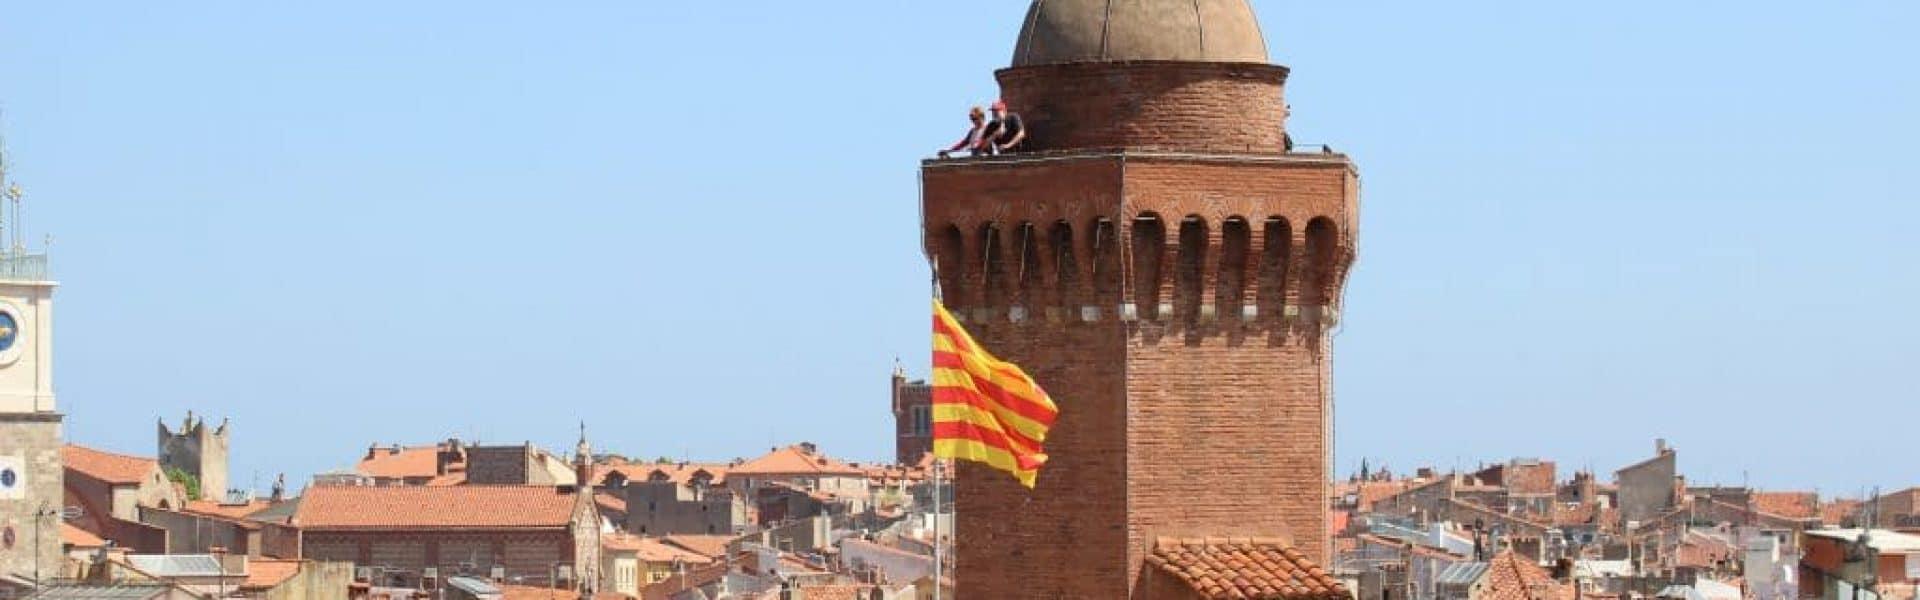 Castillet drapeau1©BIT Perpignan